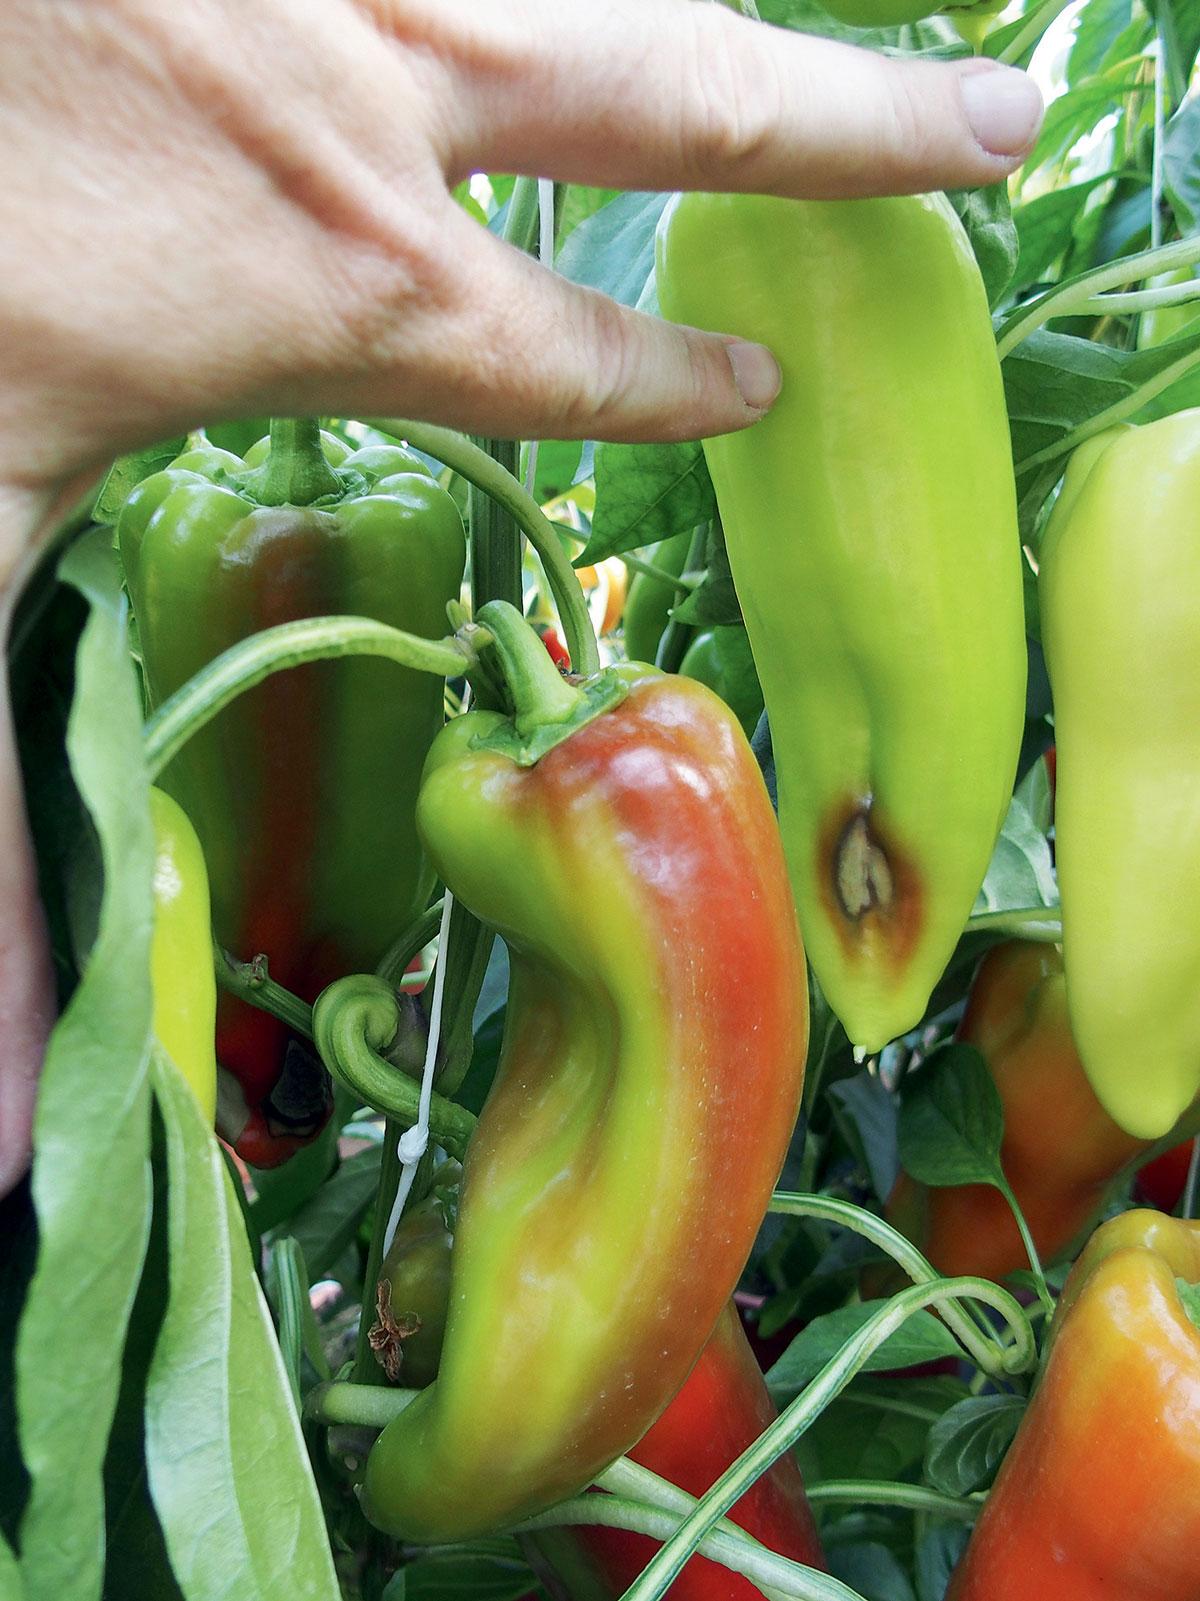 onemocnění paprik: hniloba plodů